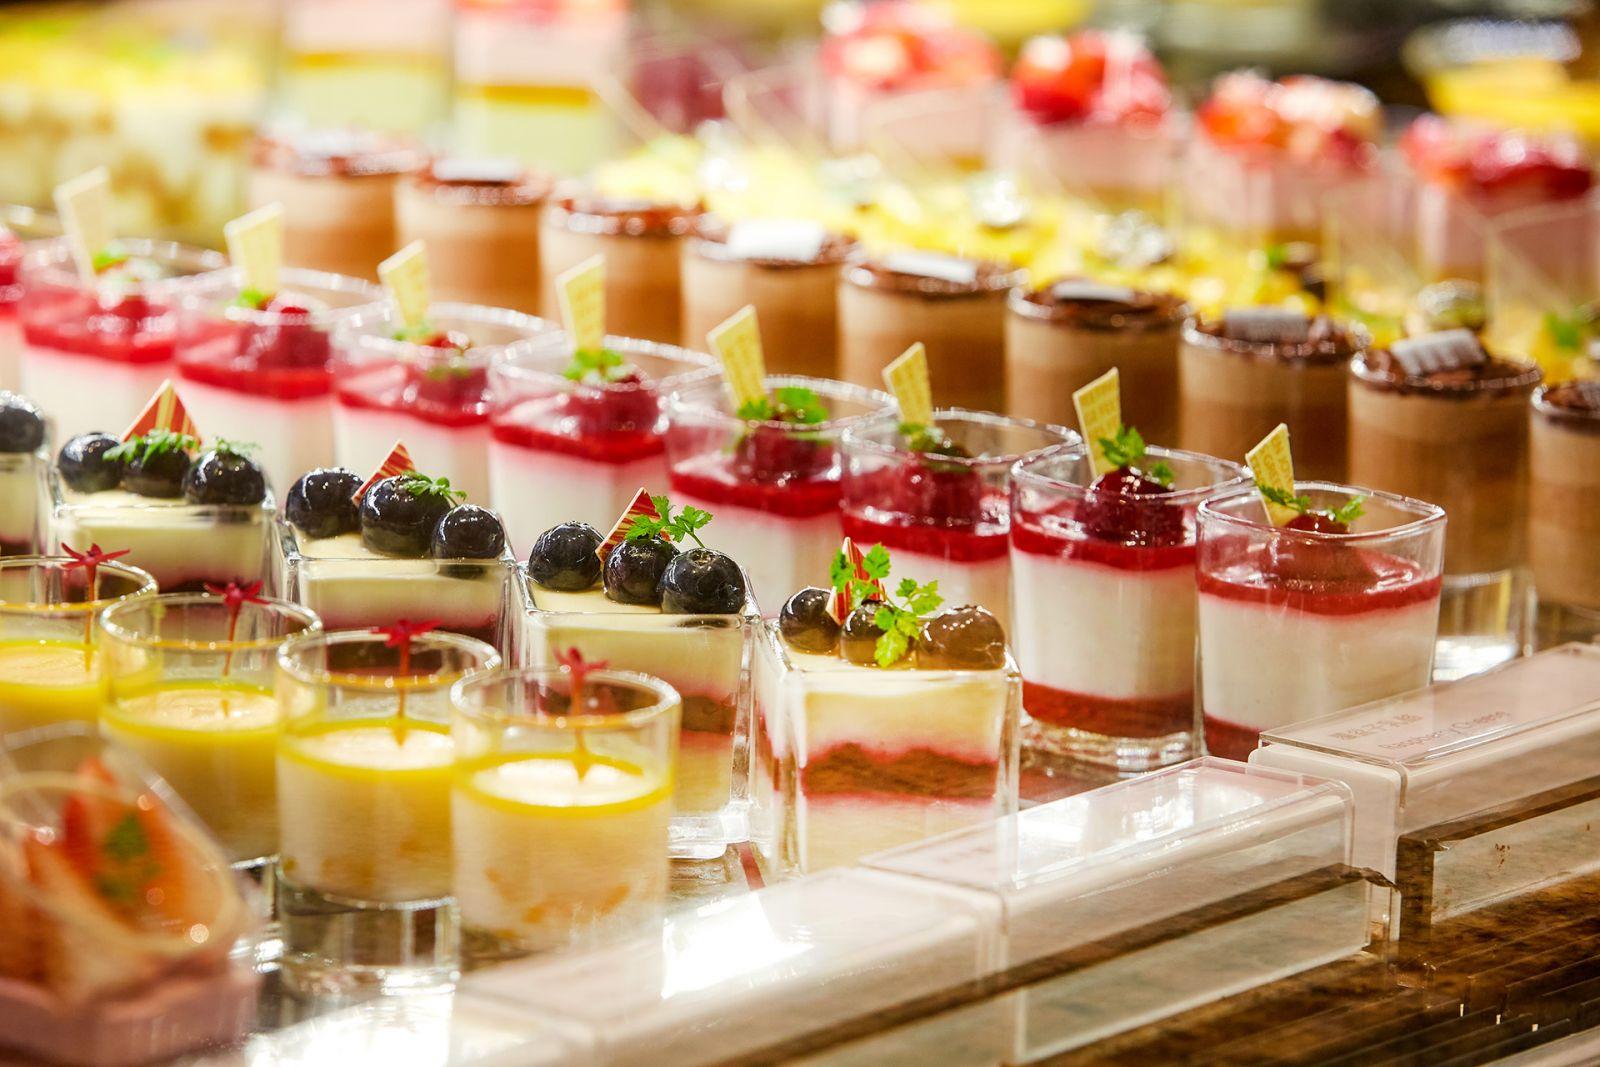 【明園西餐廳】九月限定教師節活動 雙人用餐憑教師證即贈水果磅蛋糕